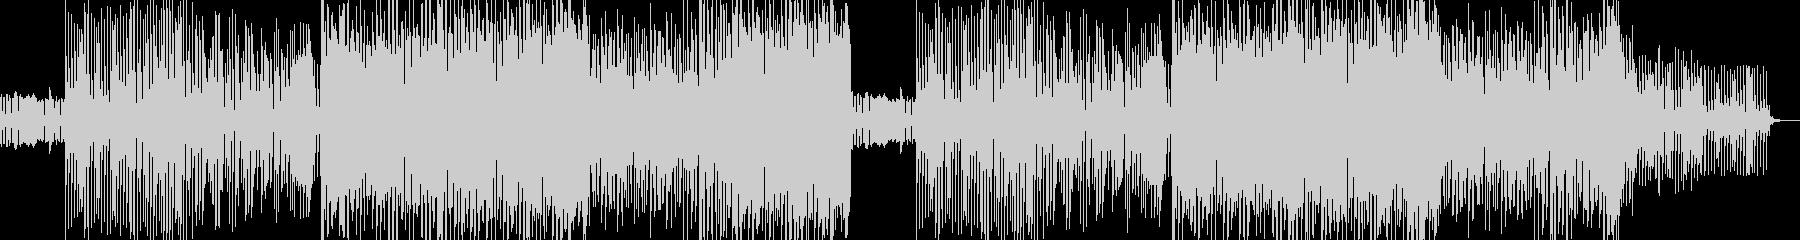 シンプルなEDM風サウンドの未再生の波形